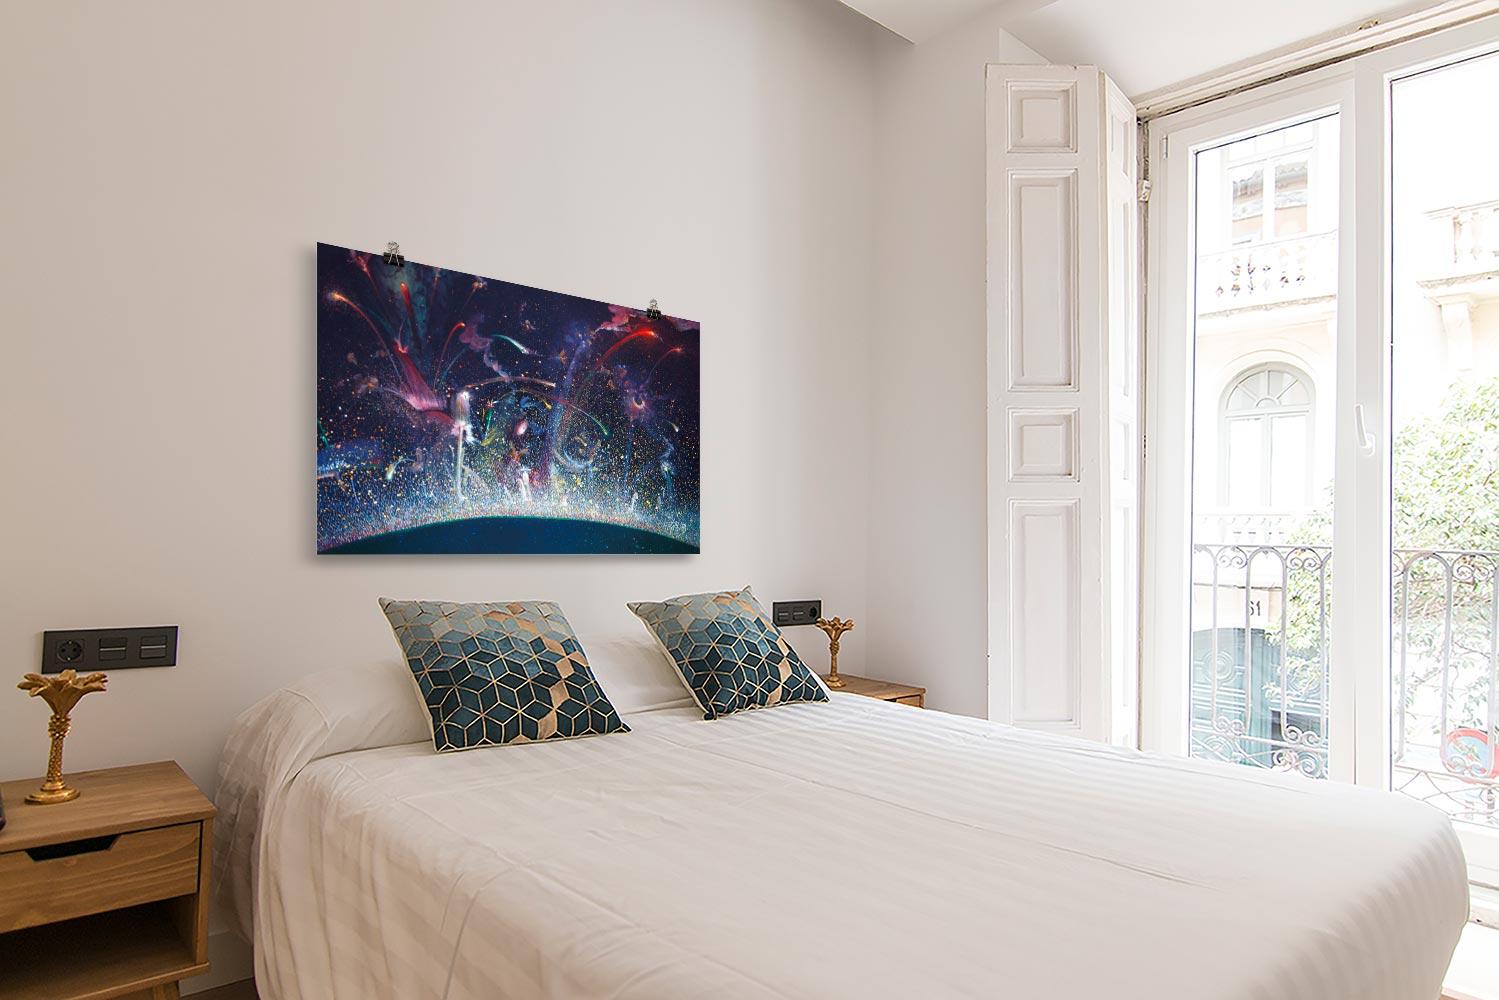 Reproducción de arte en lámina - dormitorio con balcón - Apoteosis - Óleo - Ónirico - Puntillismo -pintado por Fernando Pagador